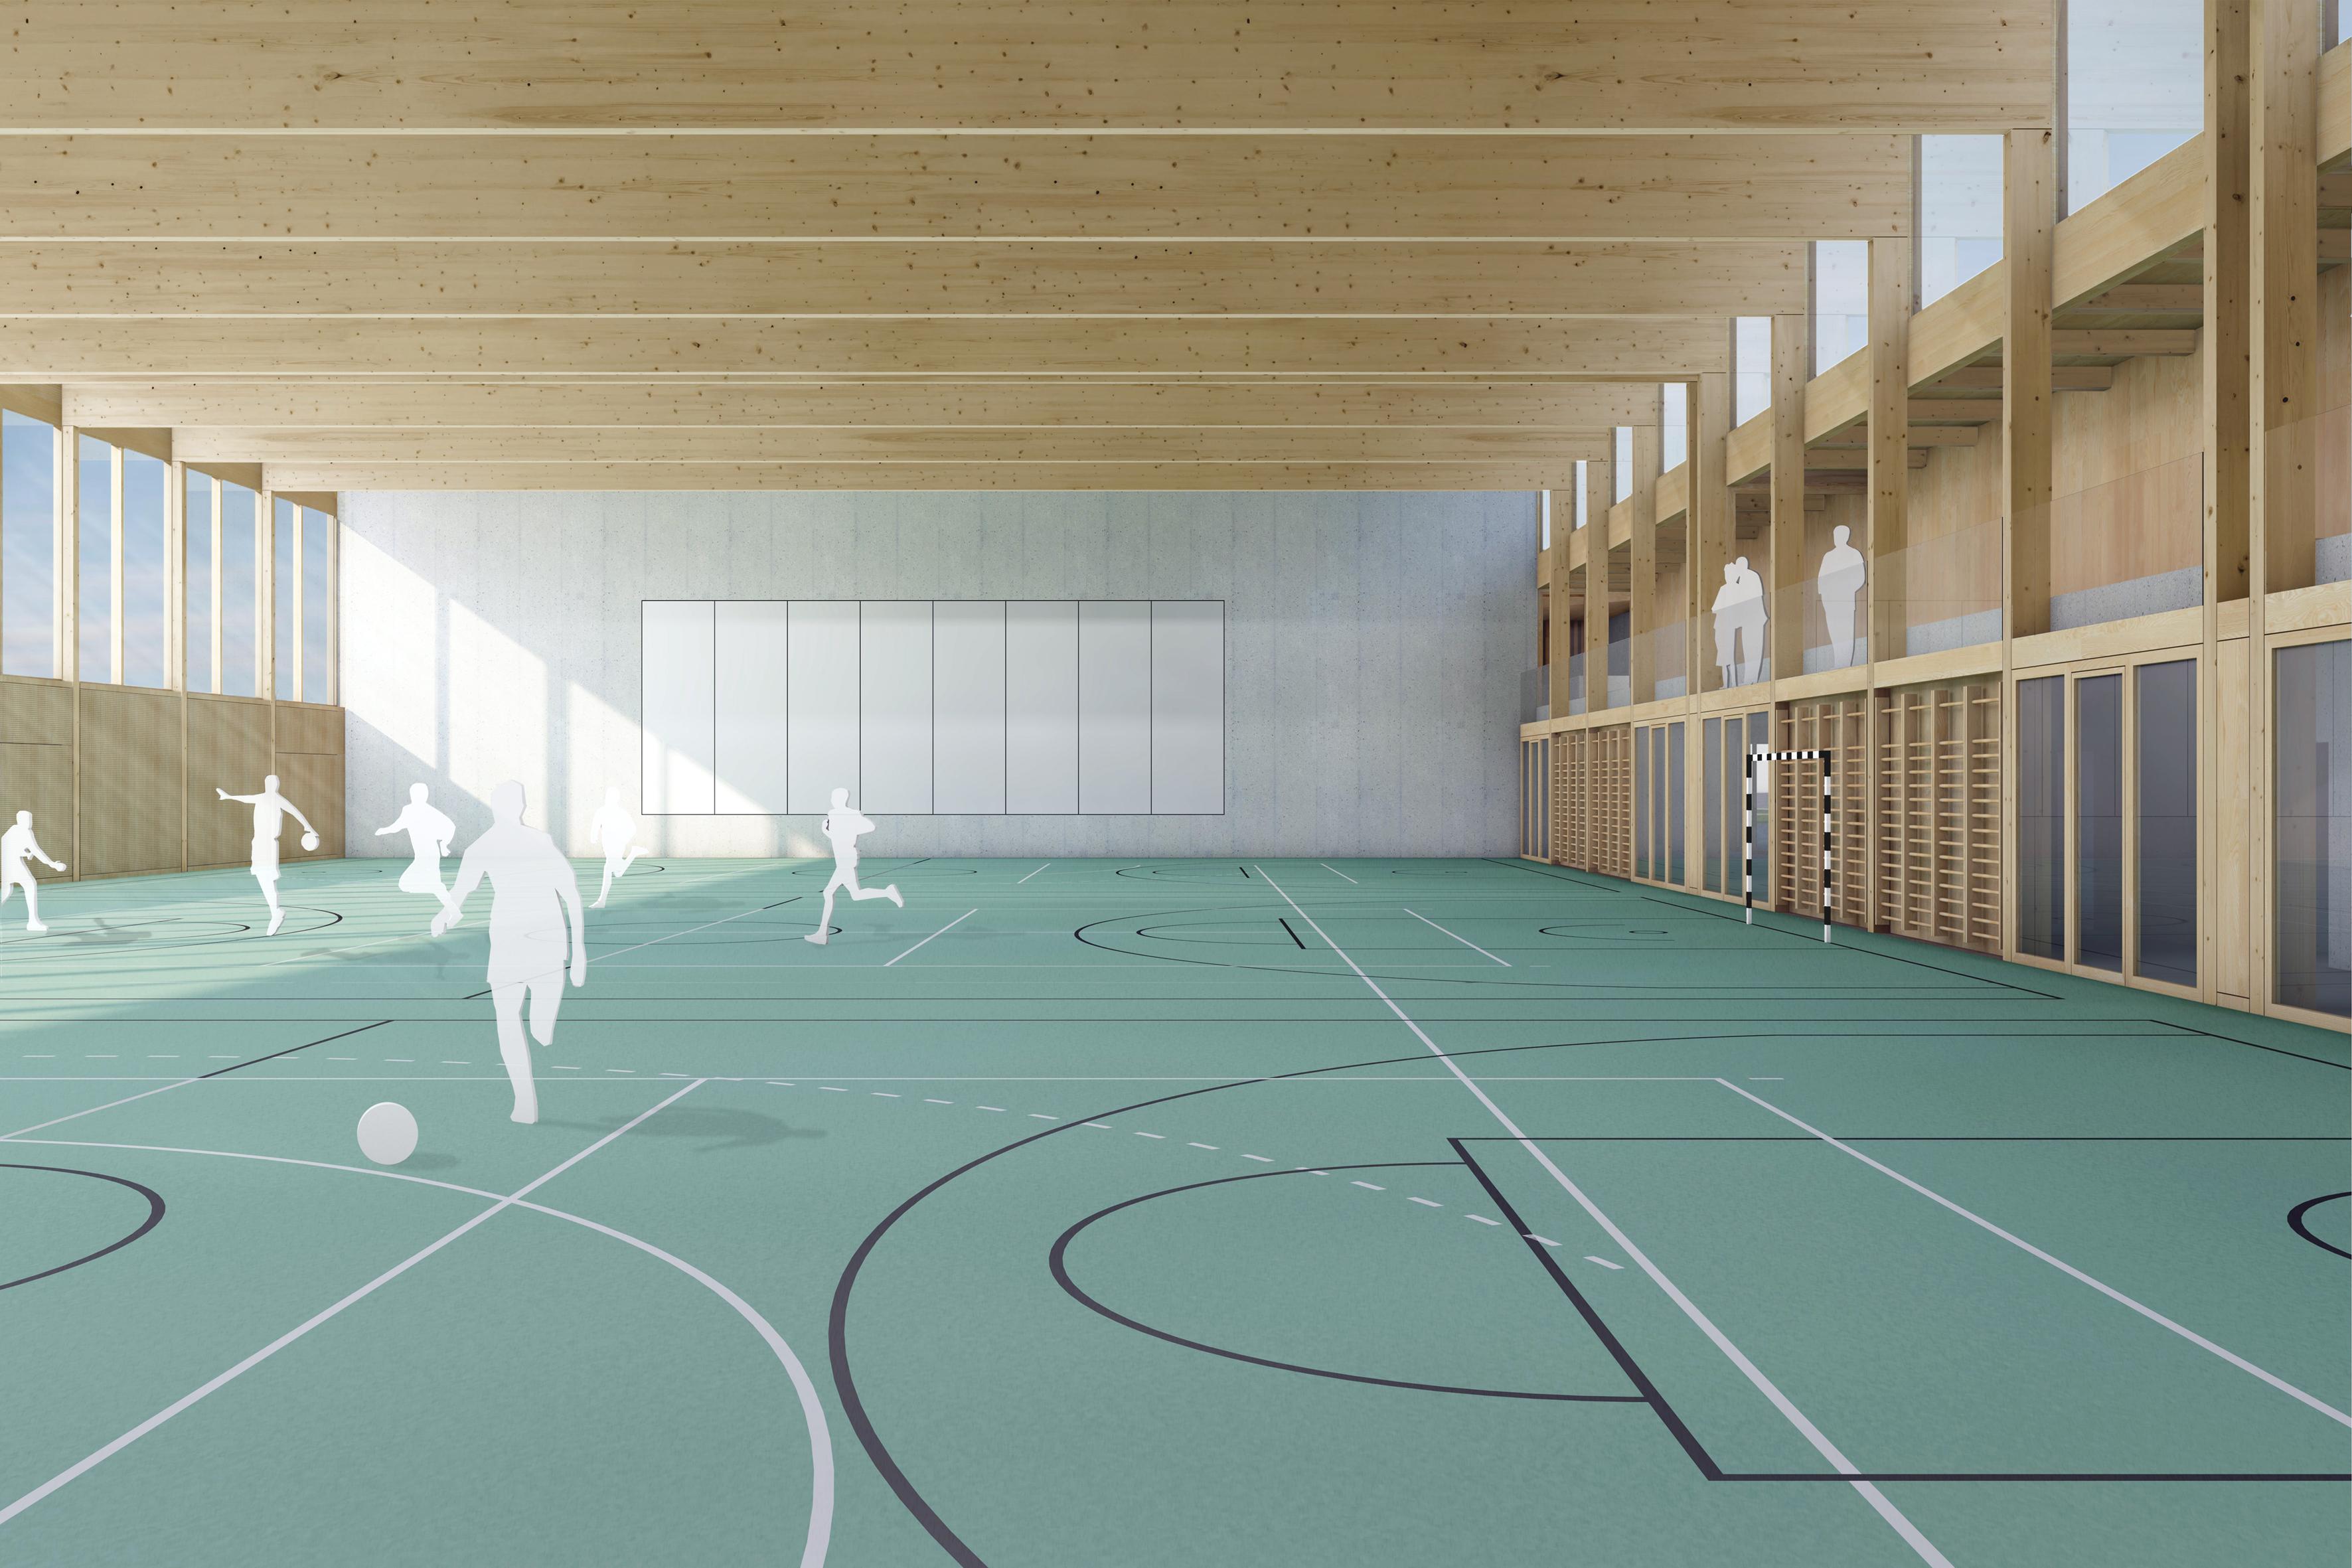 Mehrzweckhalle, Hitzkirch - Projektwettbewerb, 2. Rang (Hochparterre Wettbewerbe 02/2020)